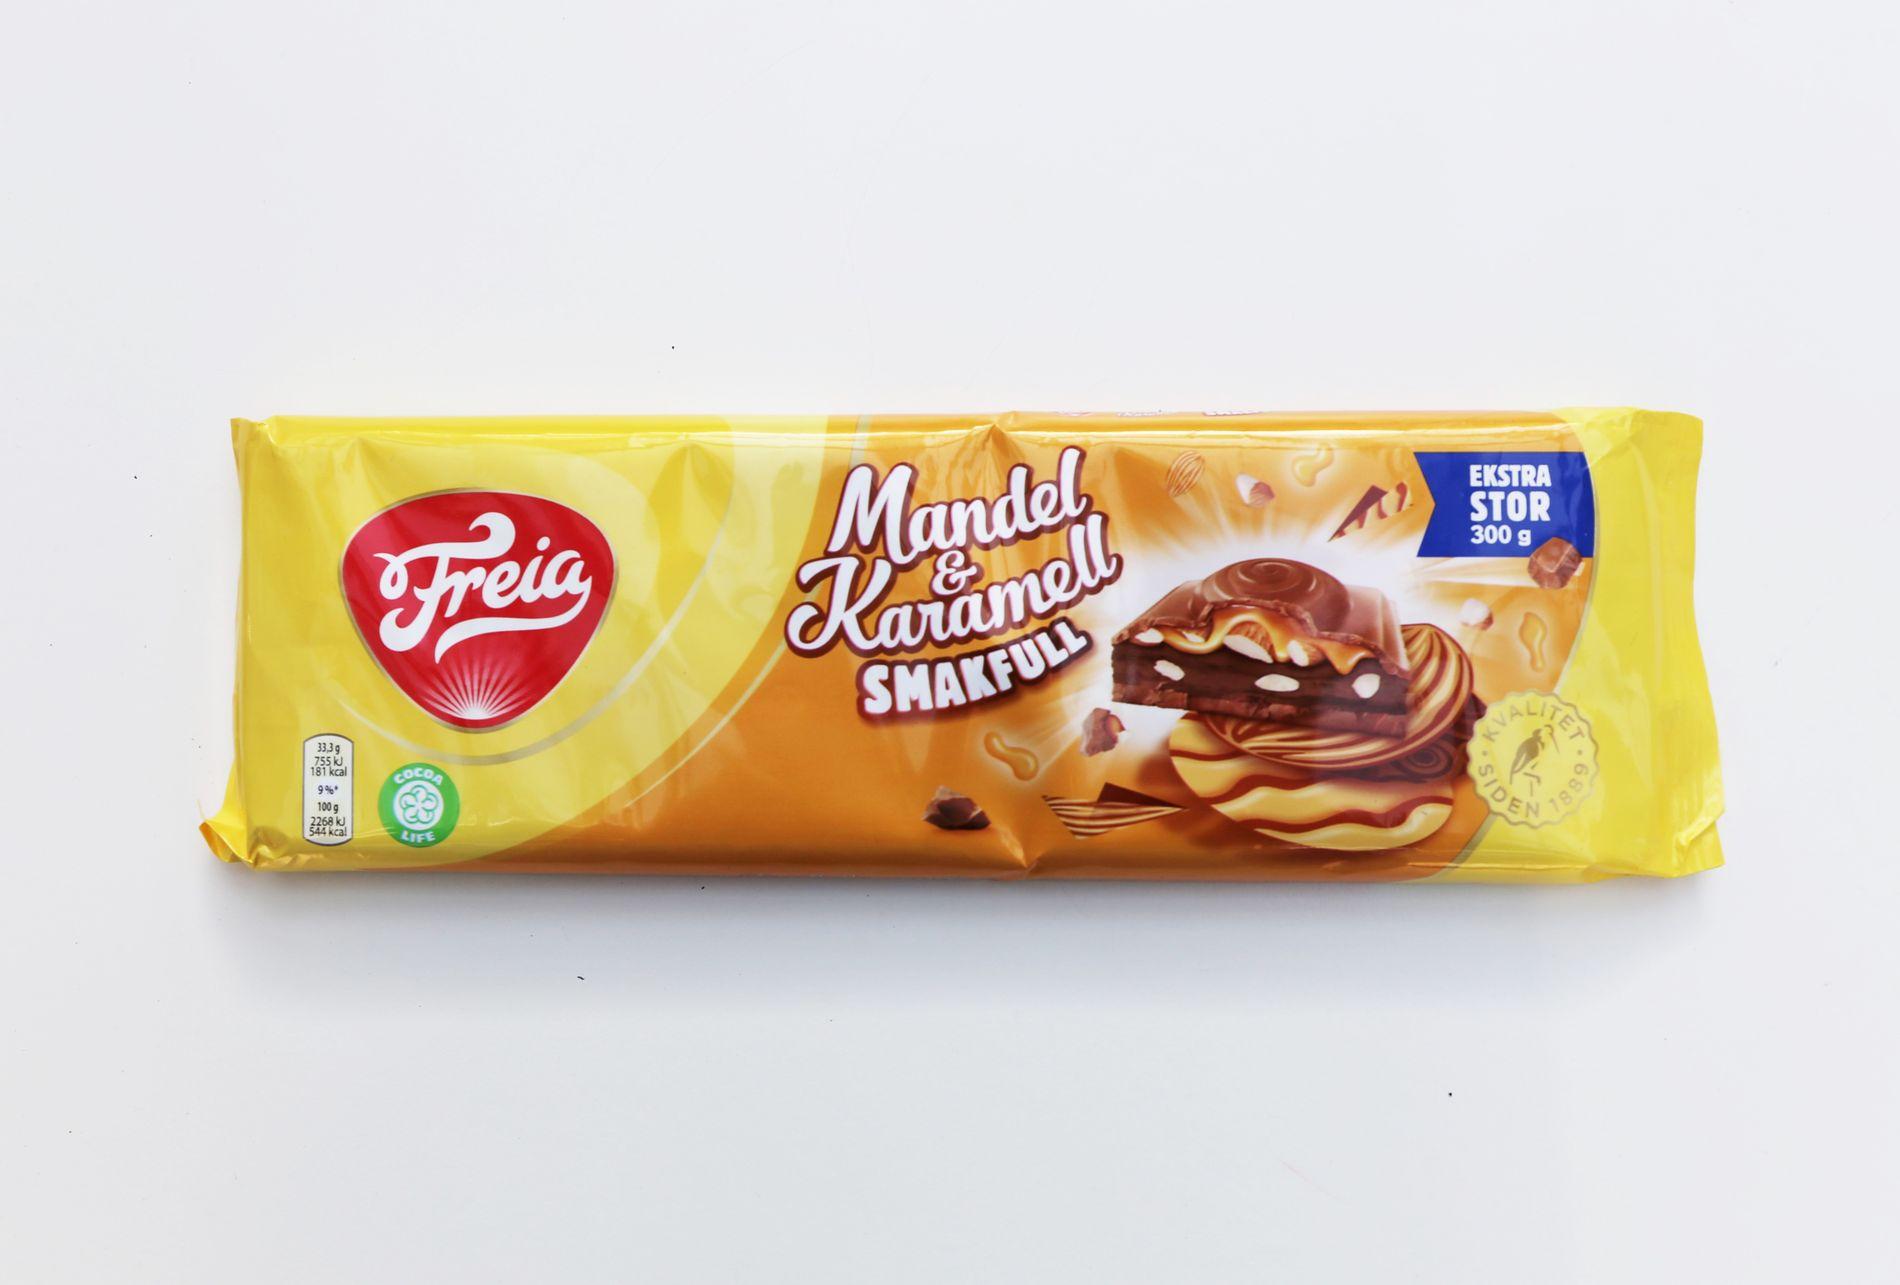 Test Av Sjokoladenyheter Denne Slakter Jeg Godt No